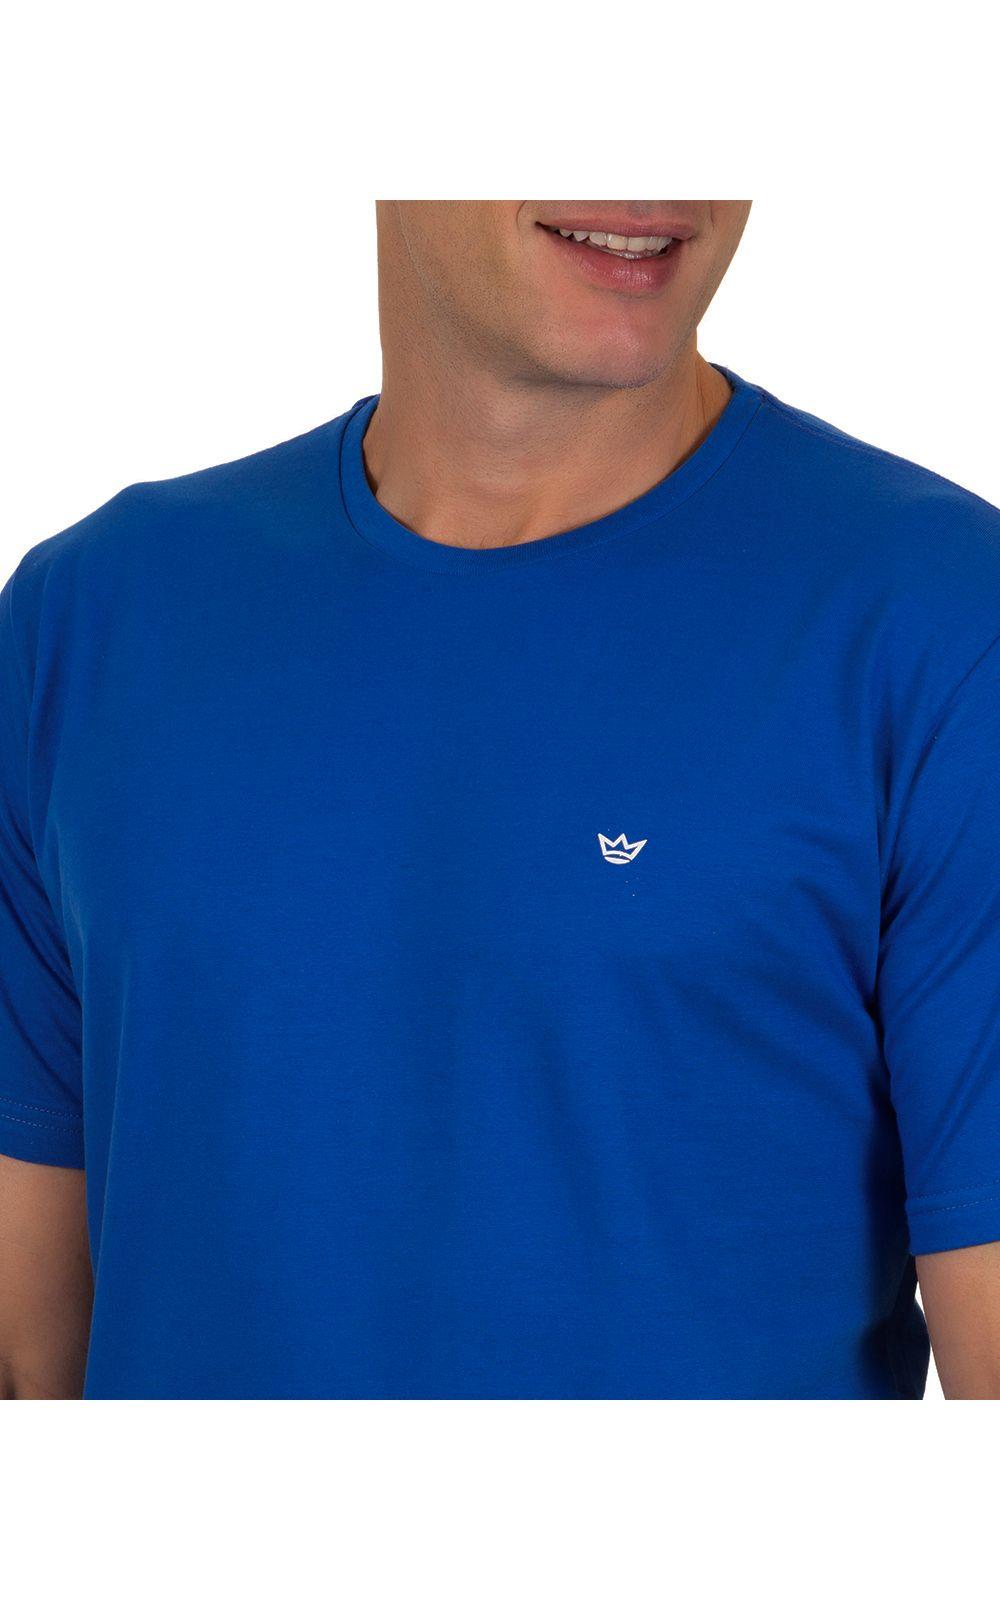 Foto 3 - Camiseta Masculina Azul Escuro Lisa